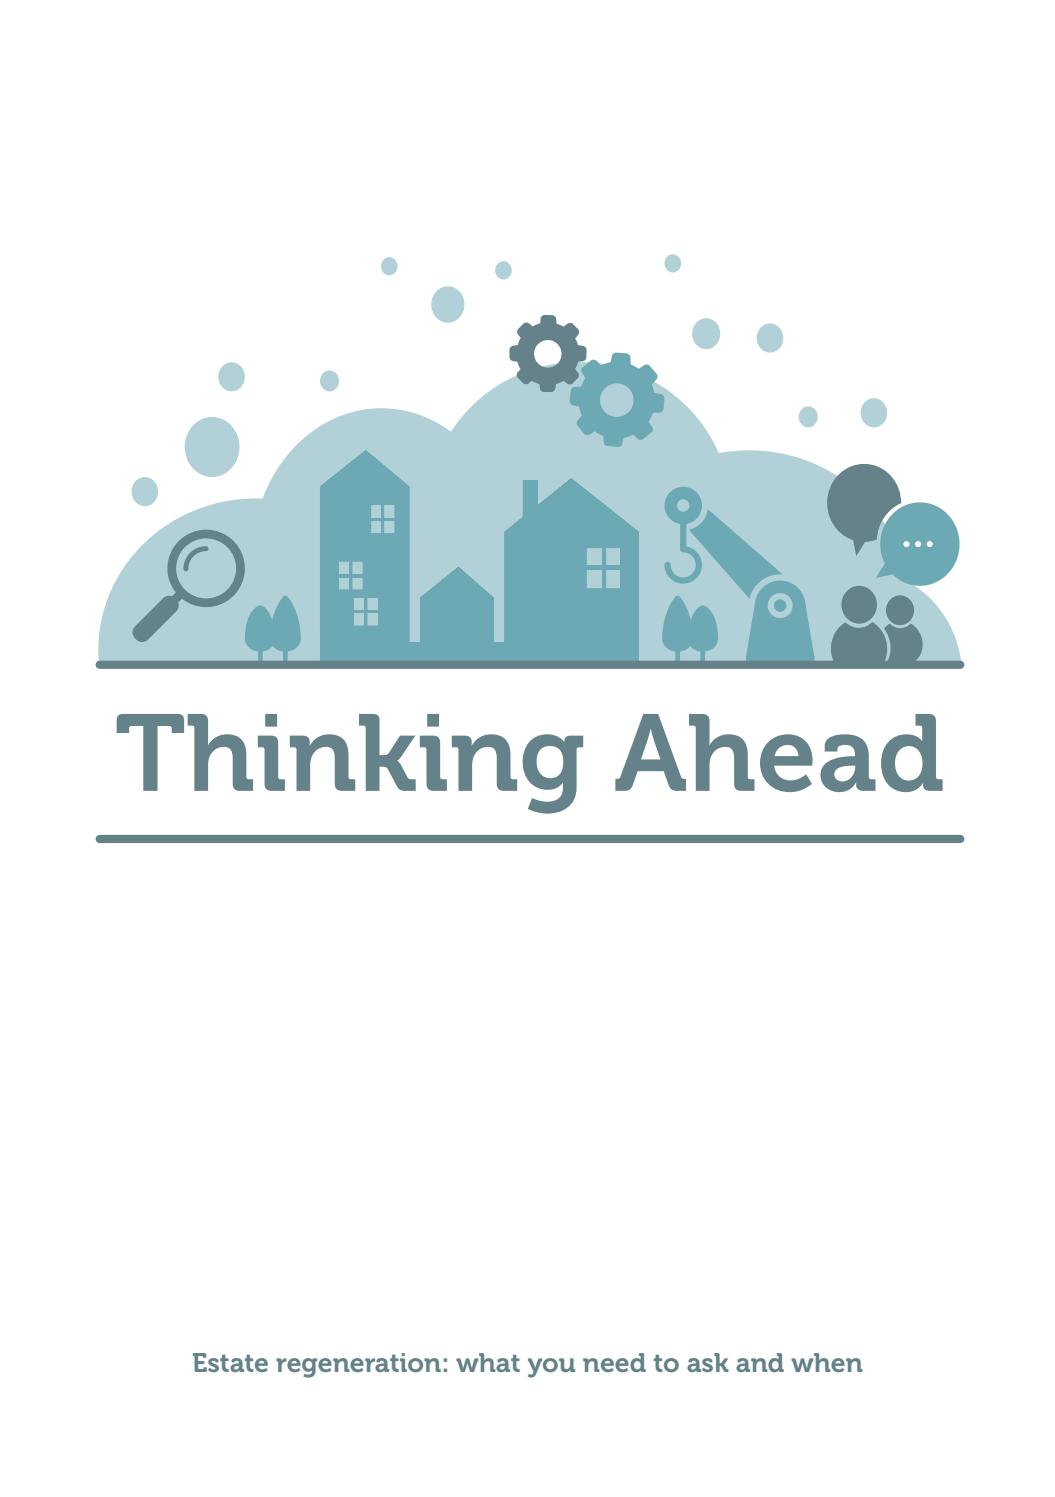 Thinking Ahead